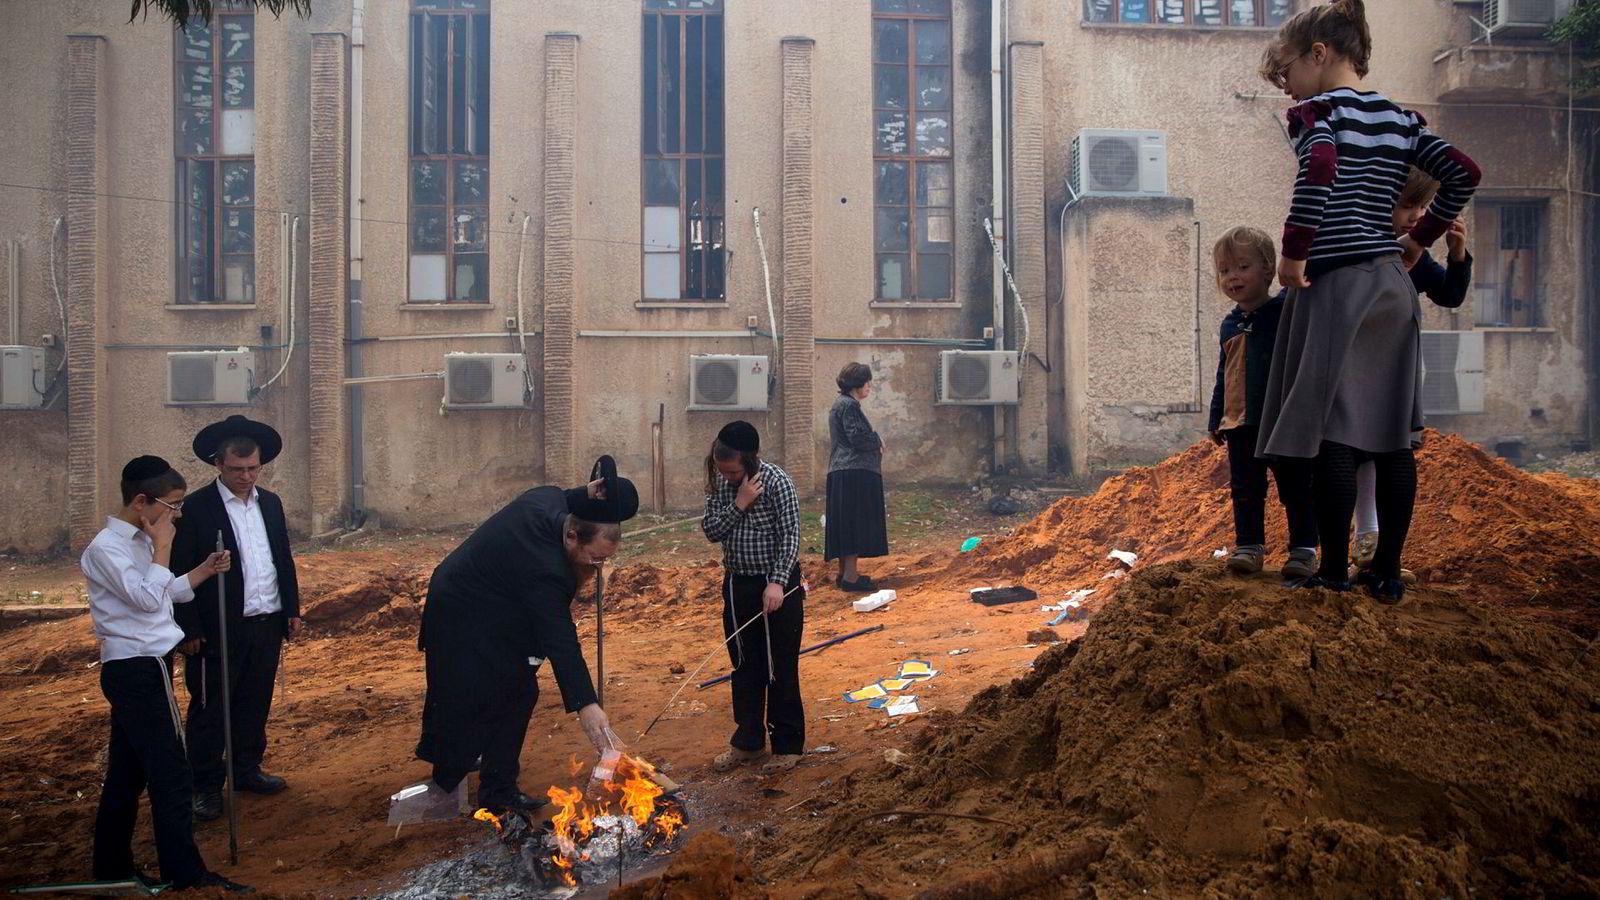 Ultraortodokse jødiske menn og barn i Bnei Brak, nær Tel Aviv i Israel, brenner gjærprodukter som forberedelse til Pesach, jødenes påskehøytid. Det er forbudt for jøder å spise gjær- eller surdeigsprodukter under påskehøytiden. I mai feirer den israelske staten 70 år.